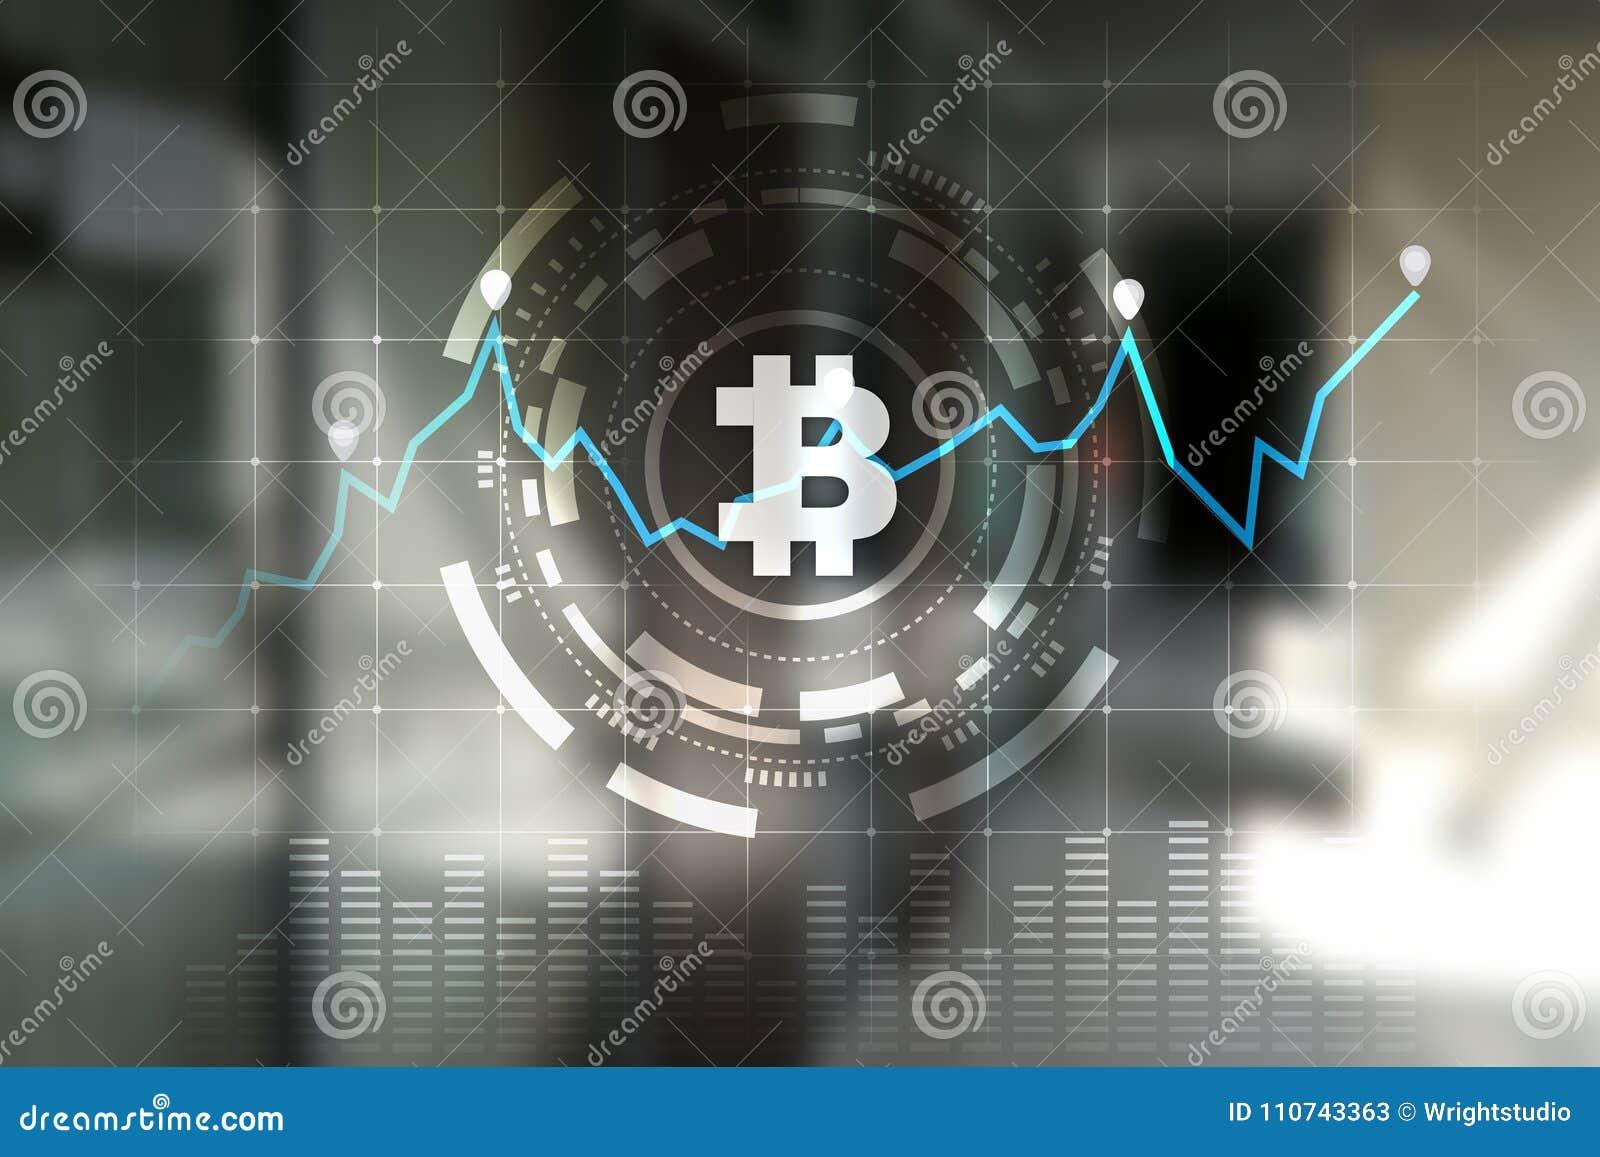 Gráfico de bitcoin y ethereum